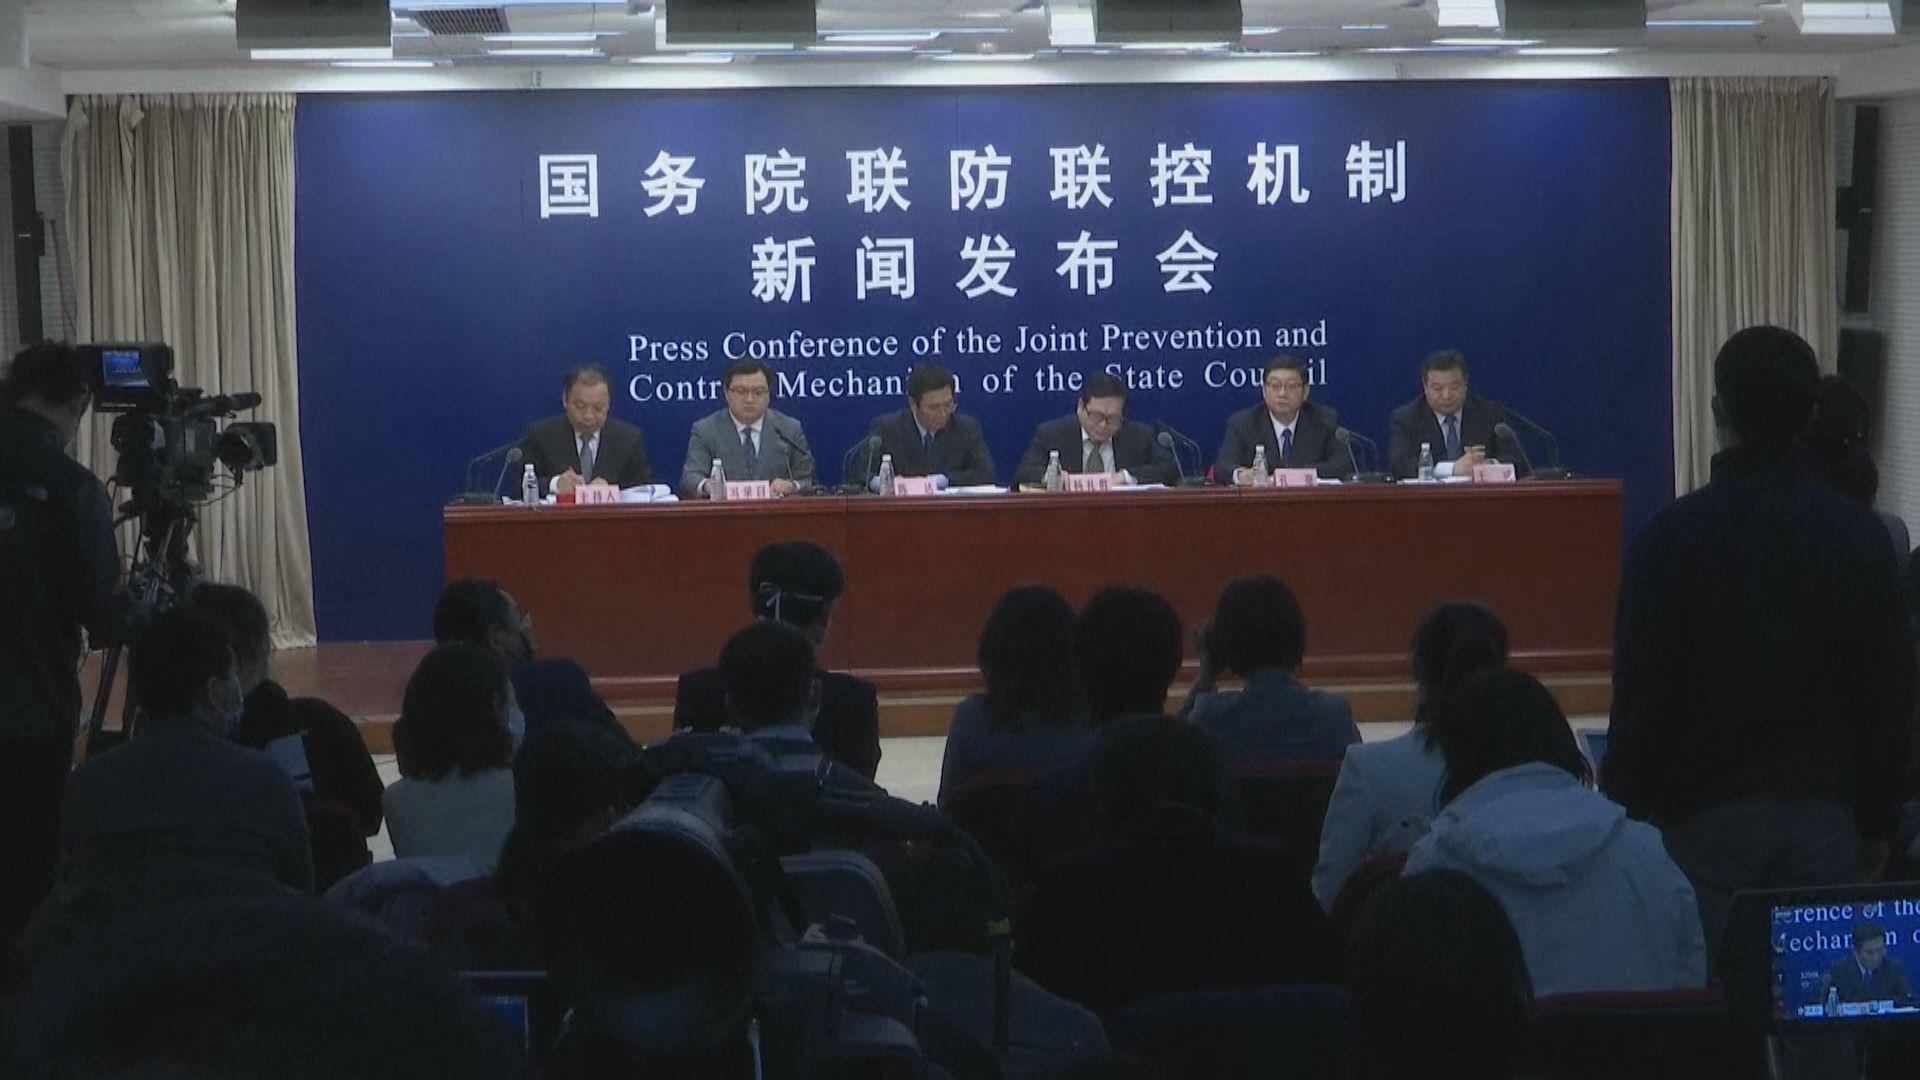 國務院要求地方政府組織企業恢復生產